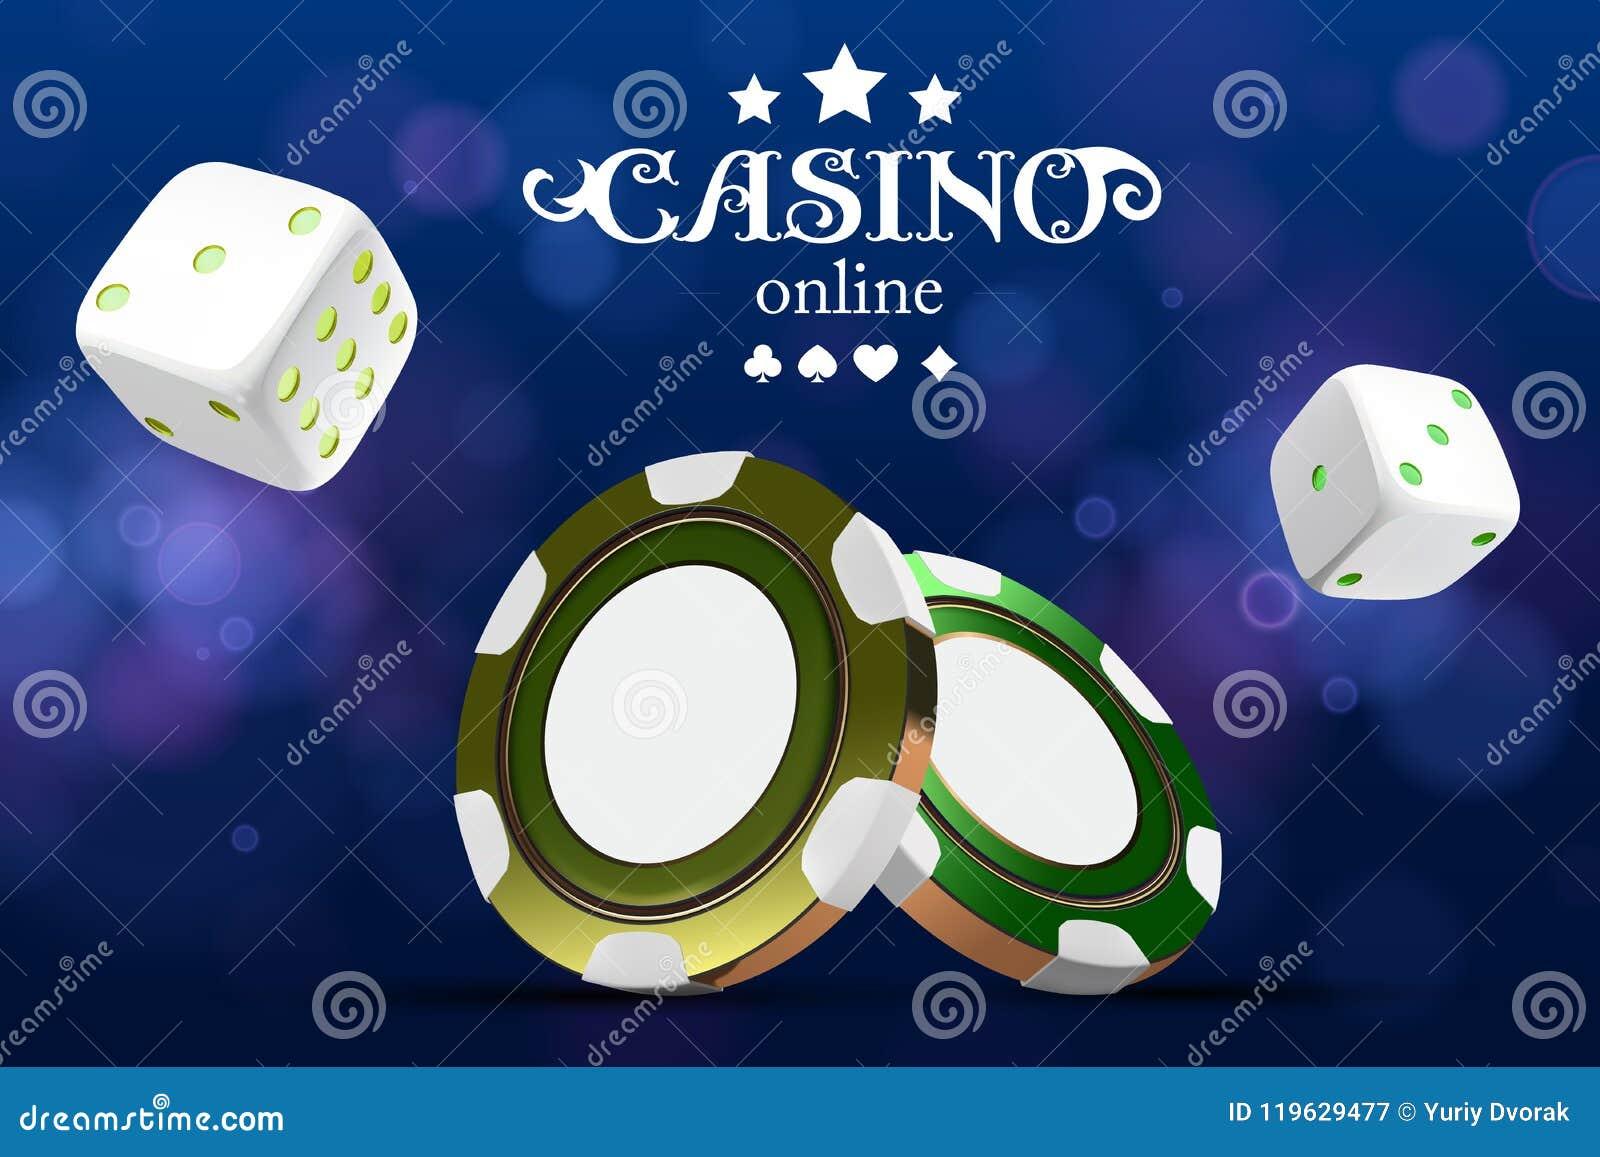 freispiele online casino ohne einzahlung